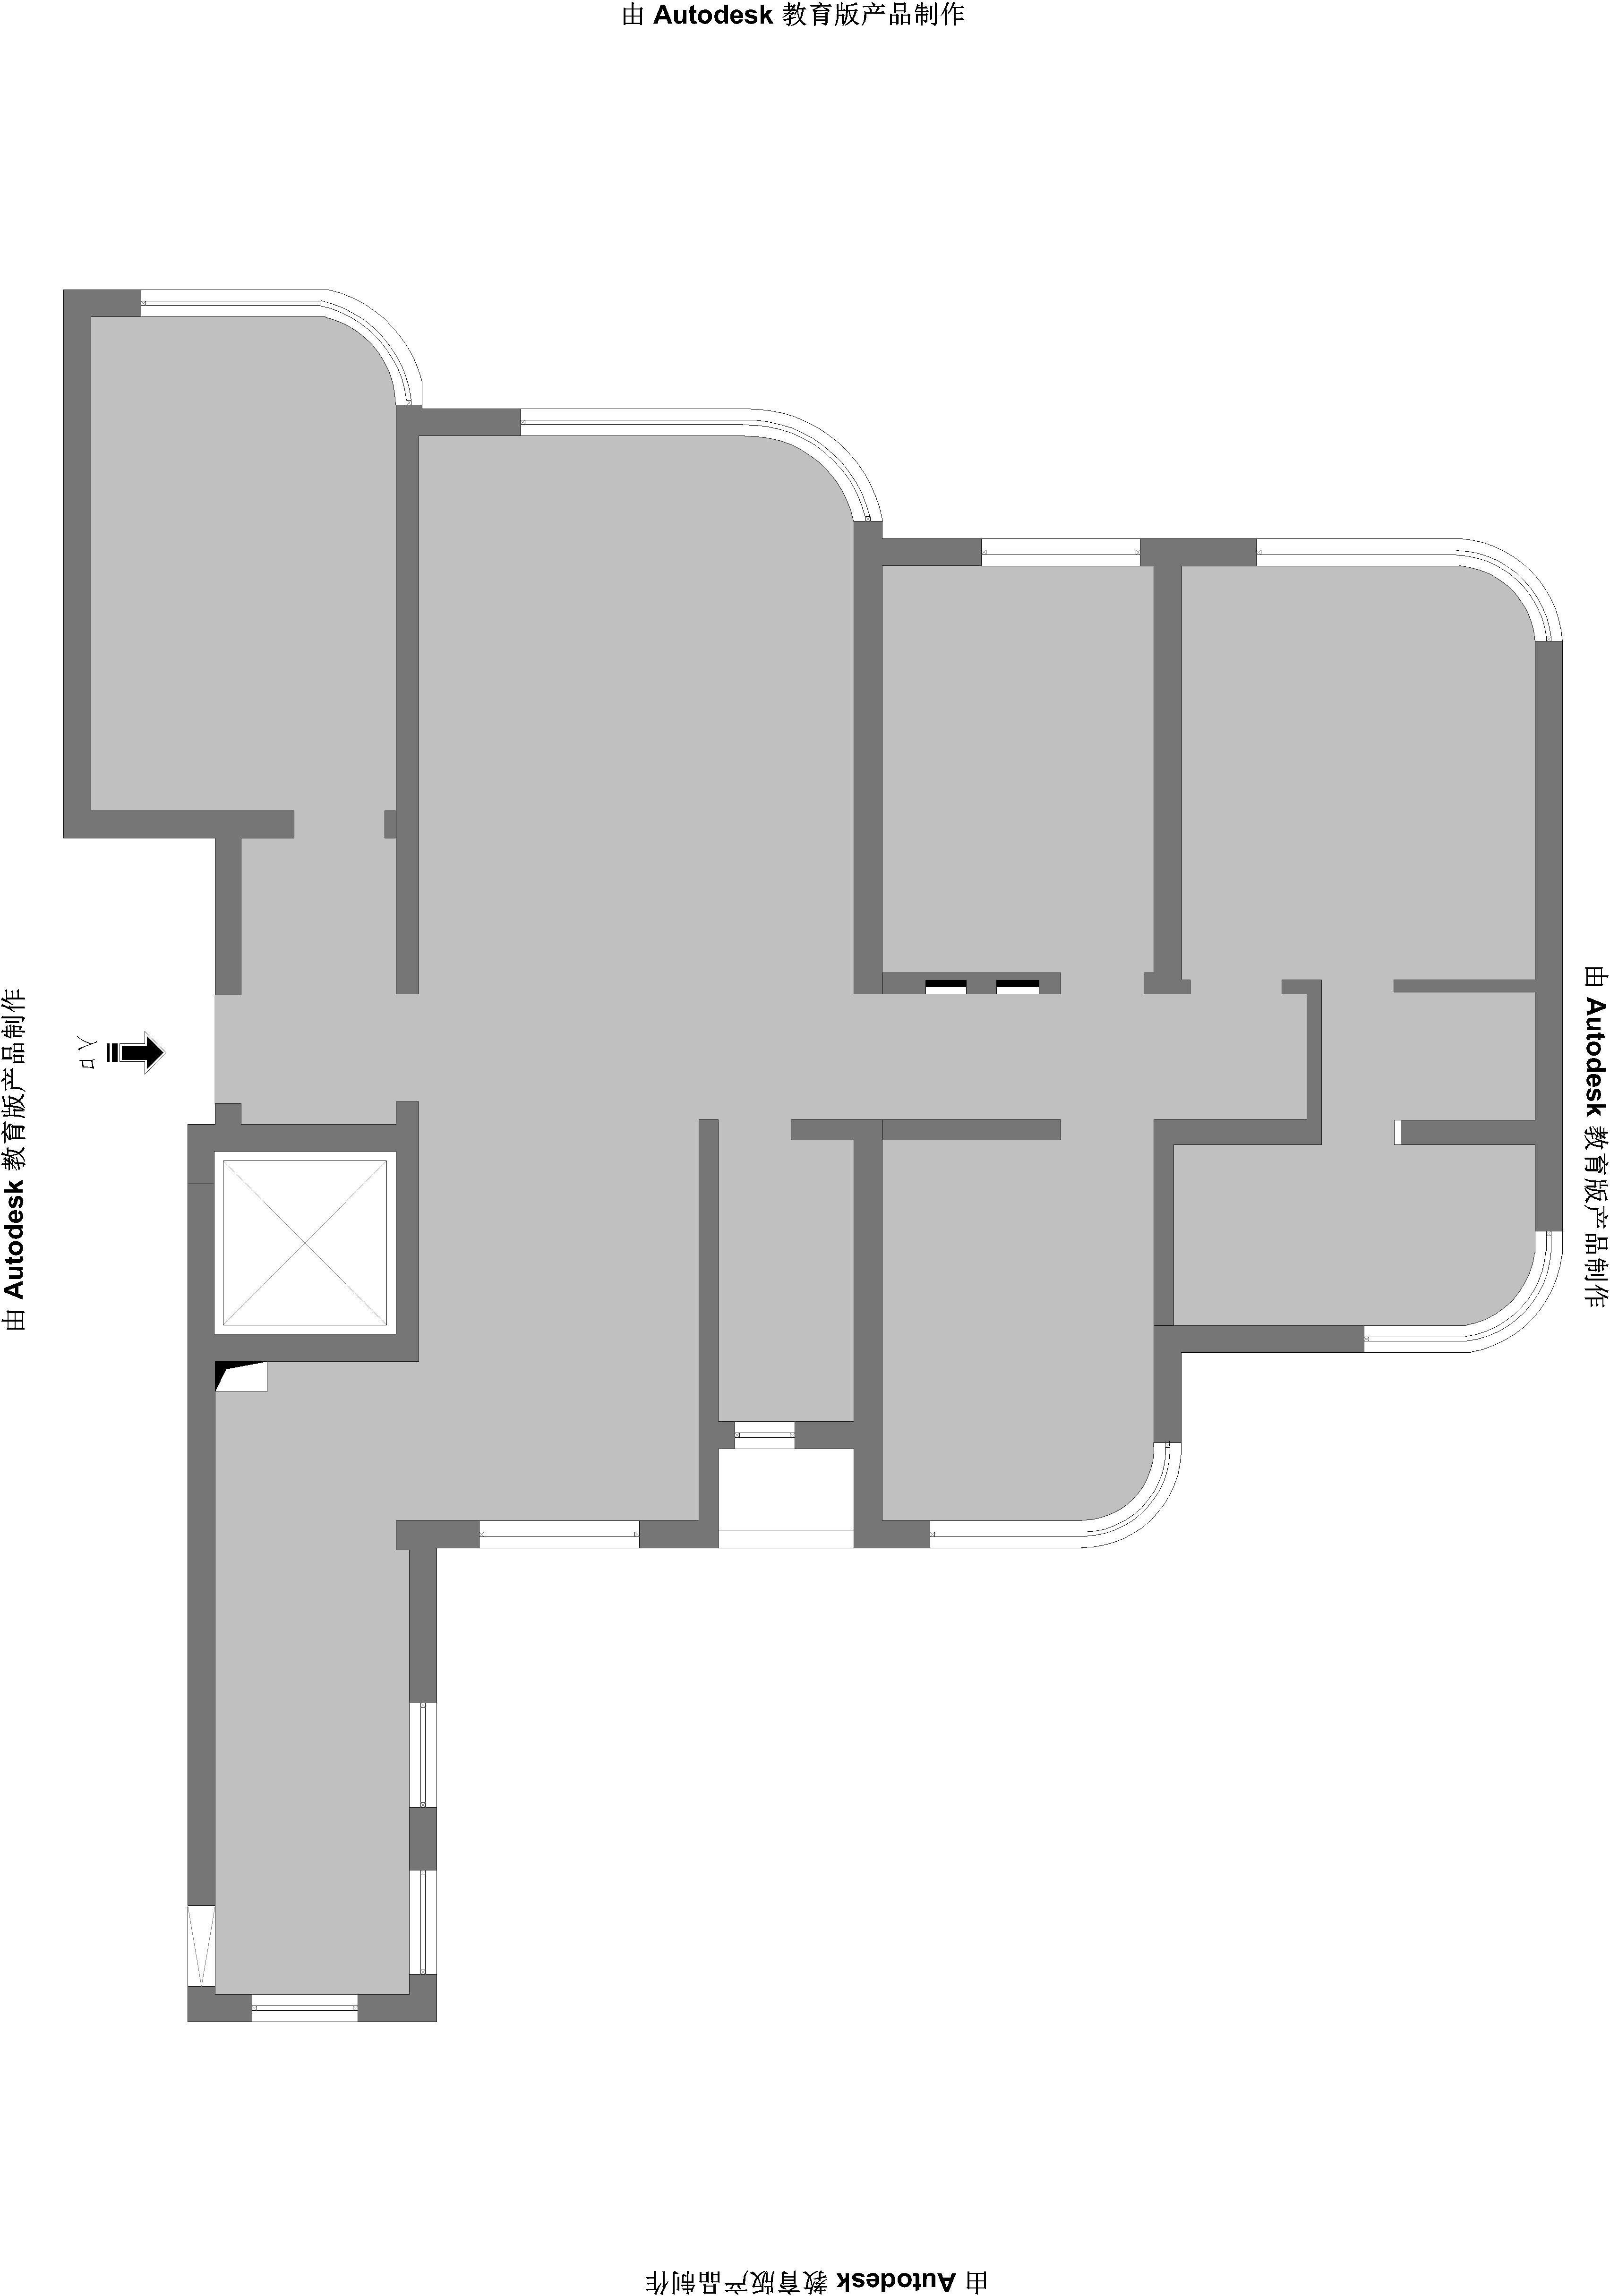 明秀庄园法式装修效果图-256平装修设计理念